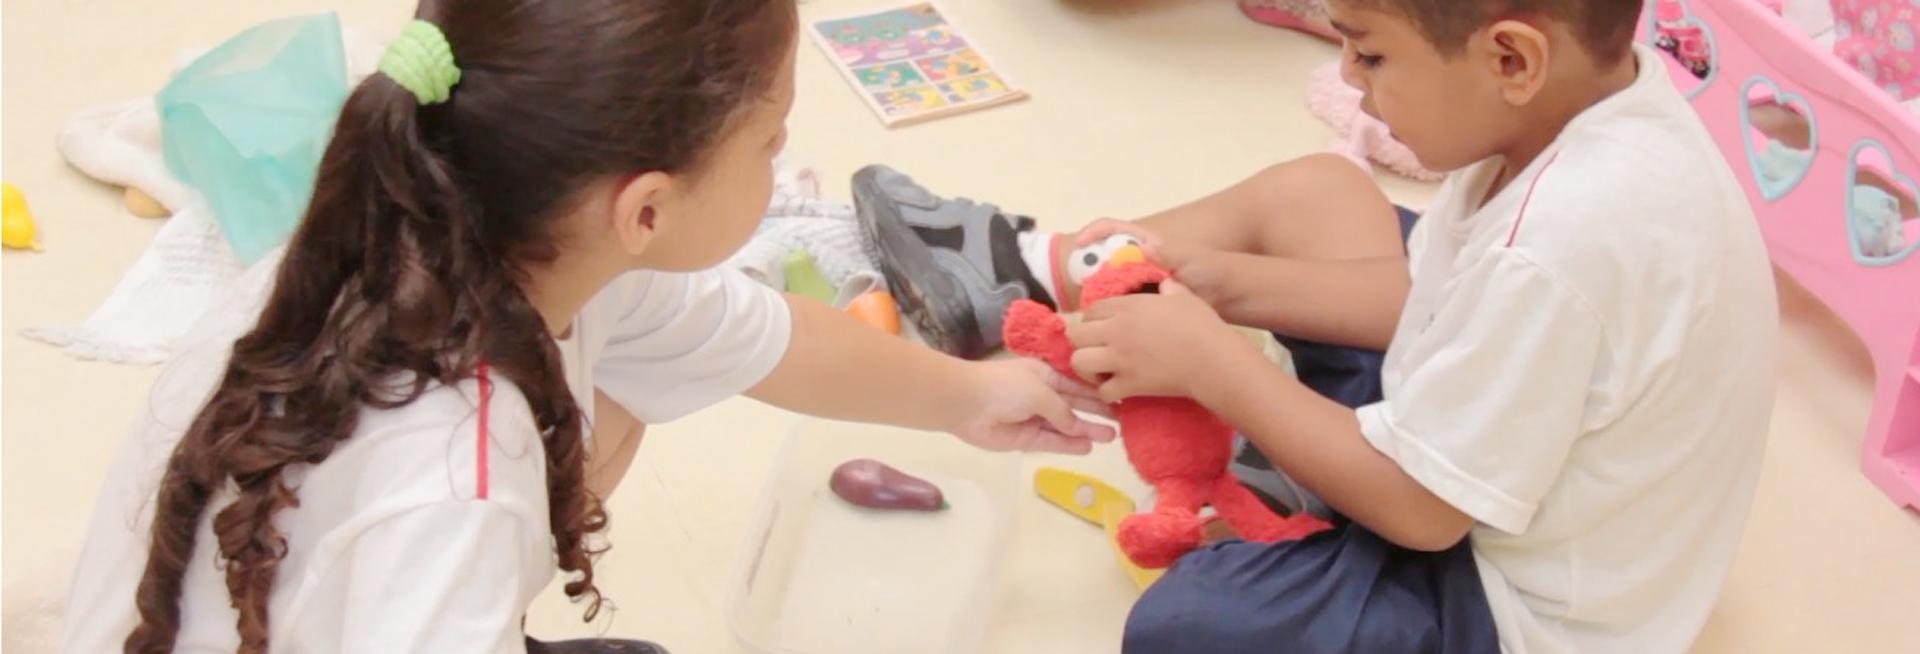 Bruno está sentado no chão em frente a uma colega. Eles brincam juntos com um boneco vermelho.